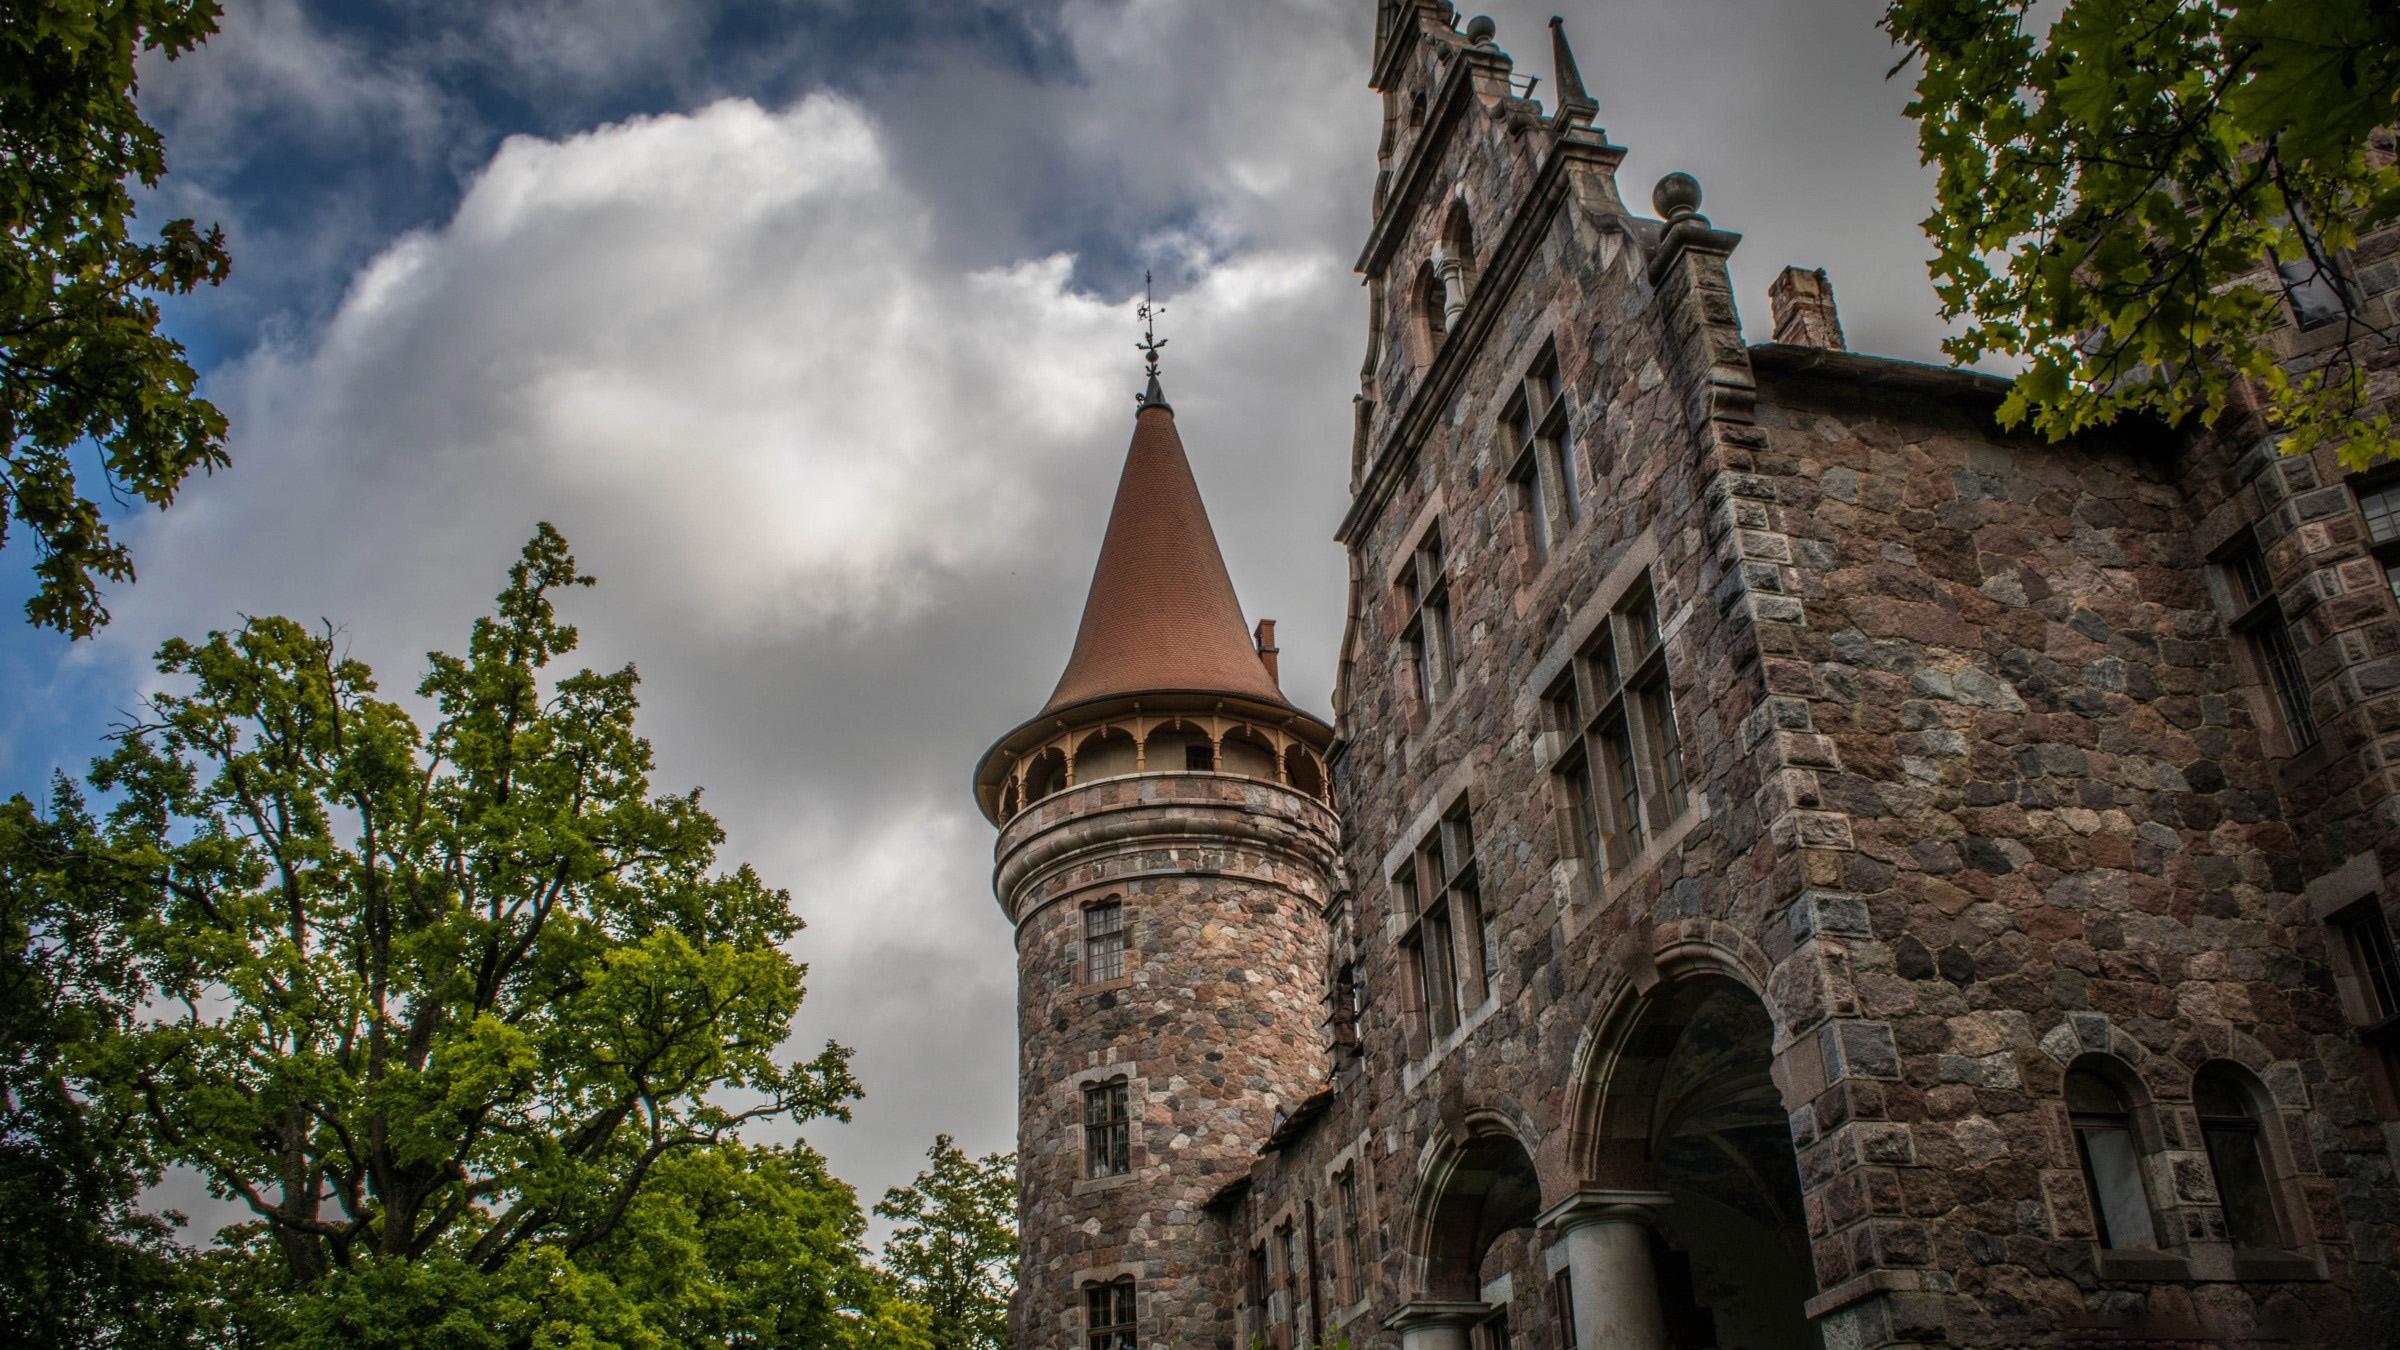 Wallpaper A castle